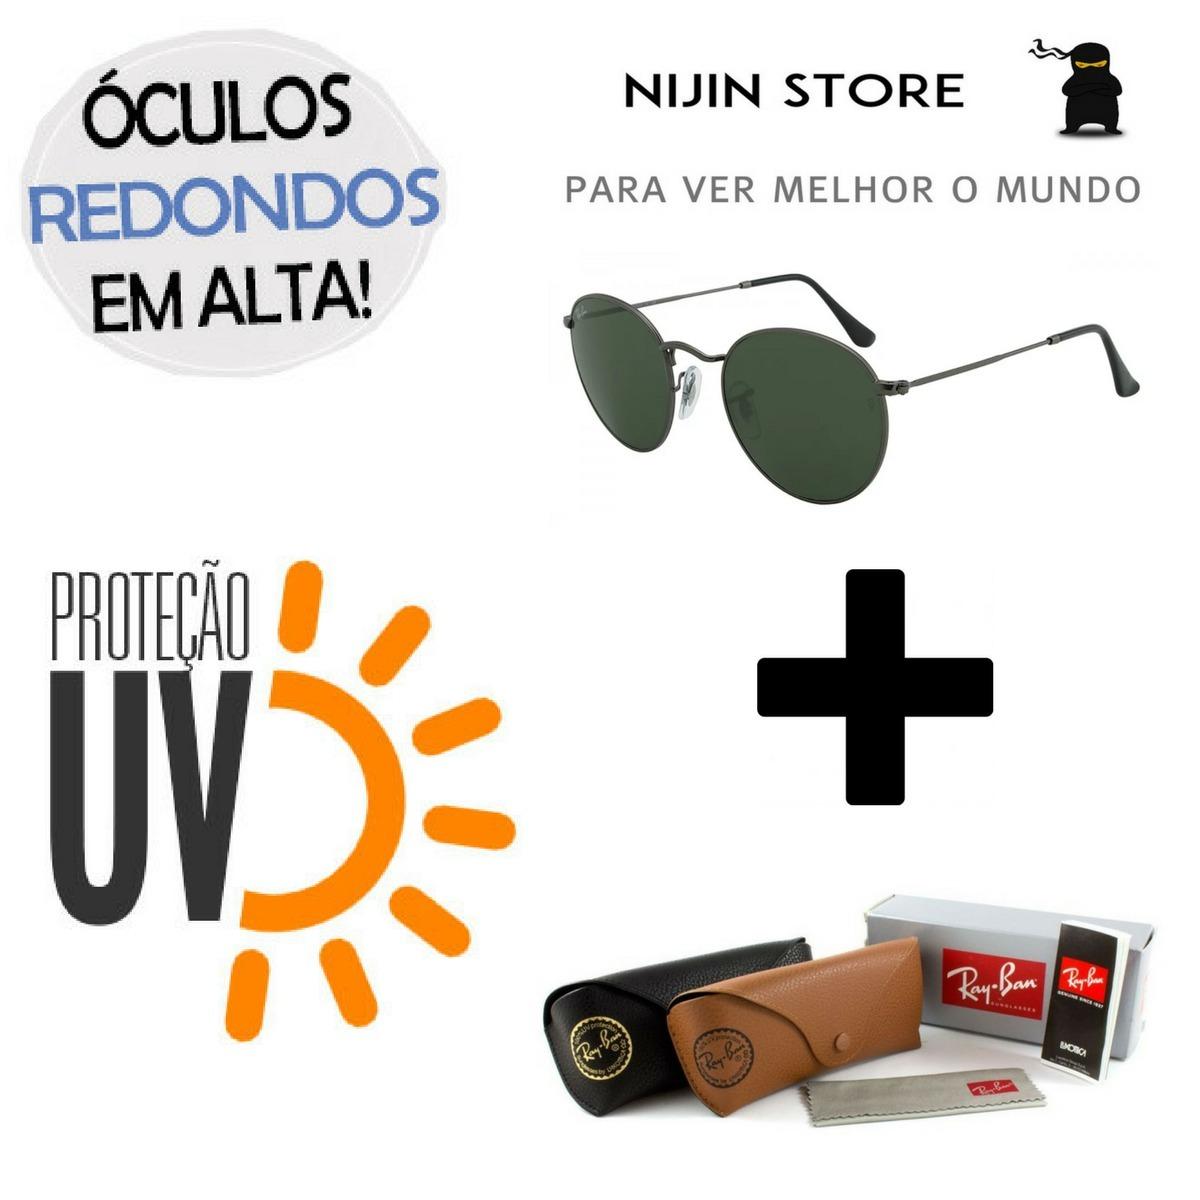 540be66aad2ea oculos de sol rb3447 round redondo metal classic importado. Carregando zoom.